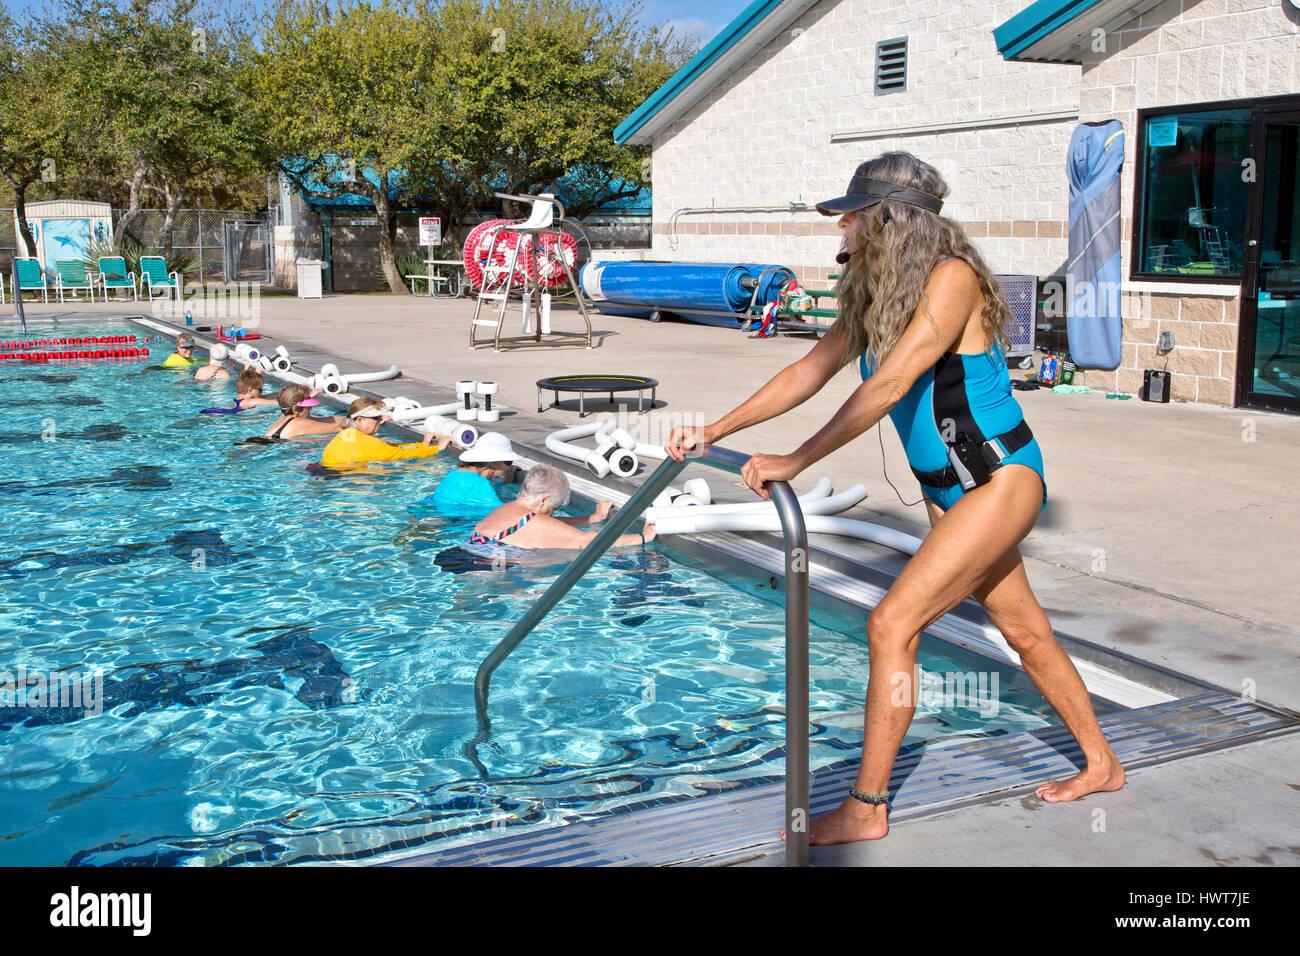 La démonstration de l'instructeur la tendance', de l'eau aérobic, groupe de femmes qui fréquentent. Photo Stock